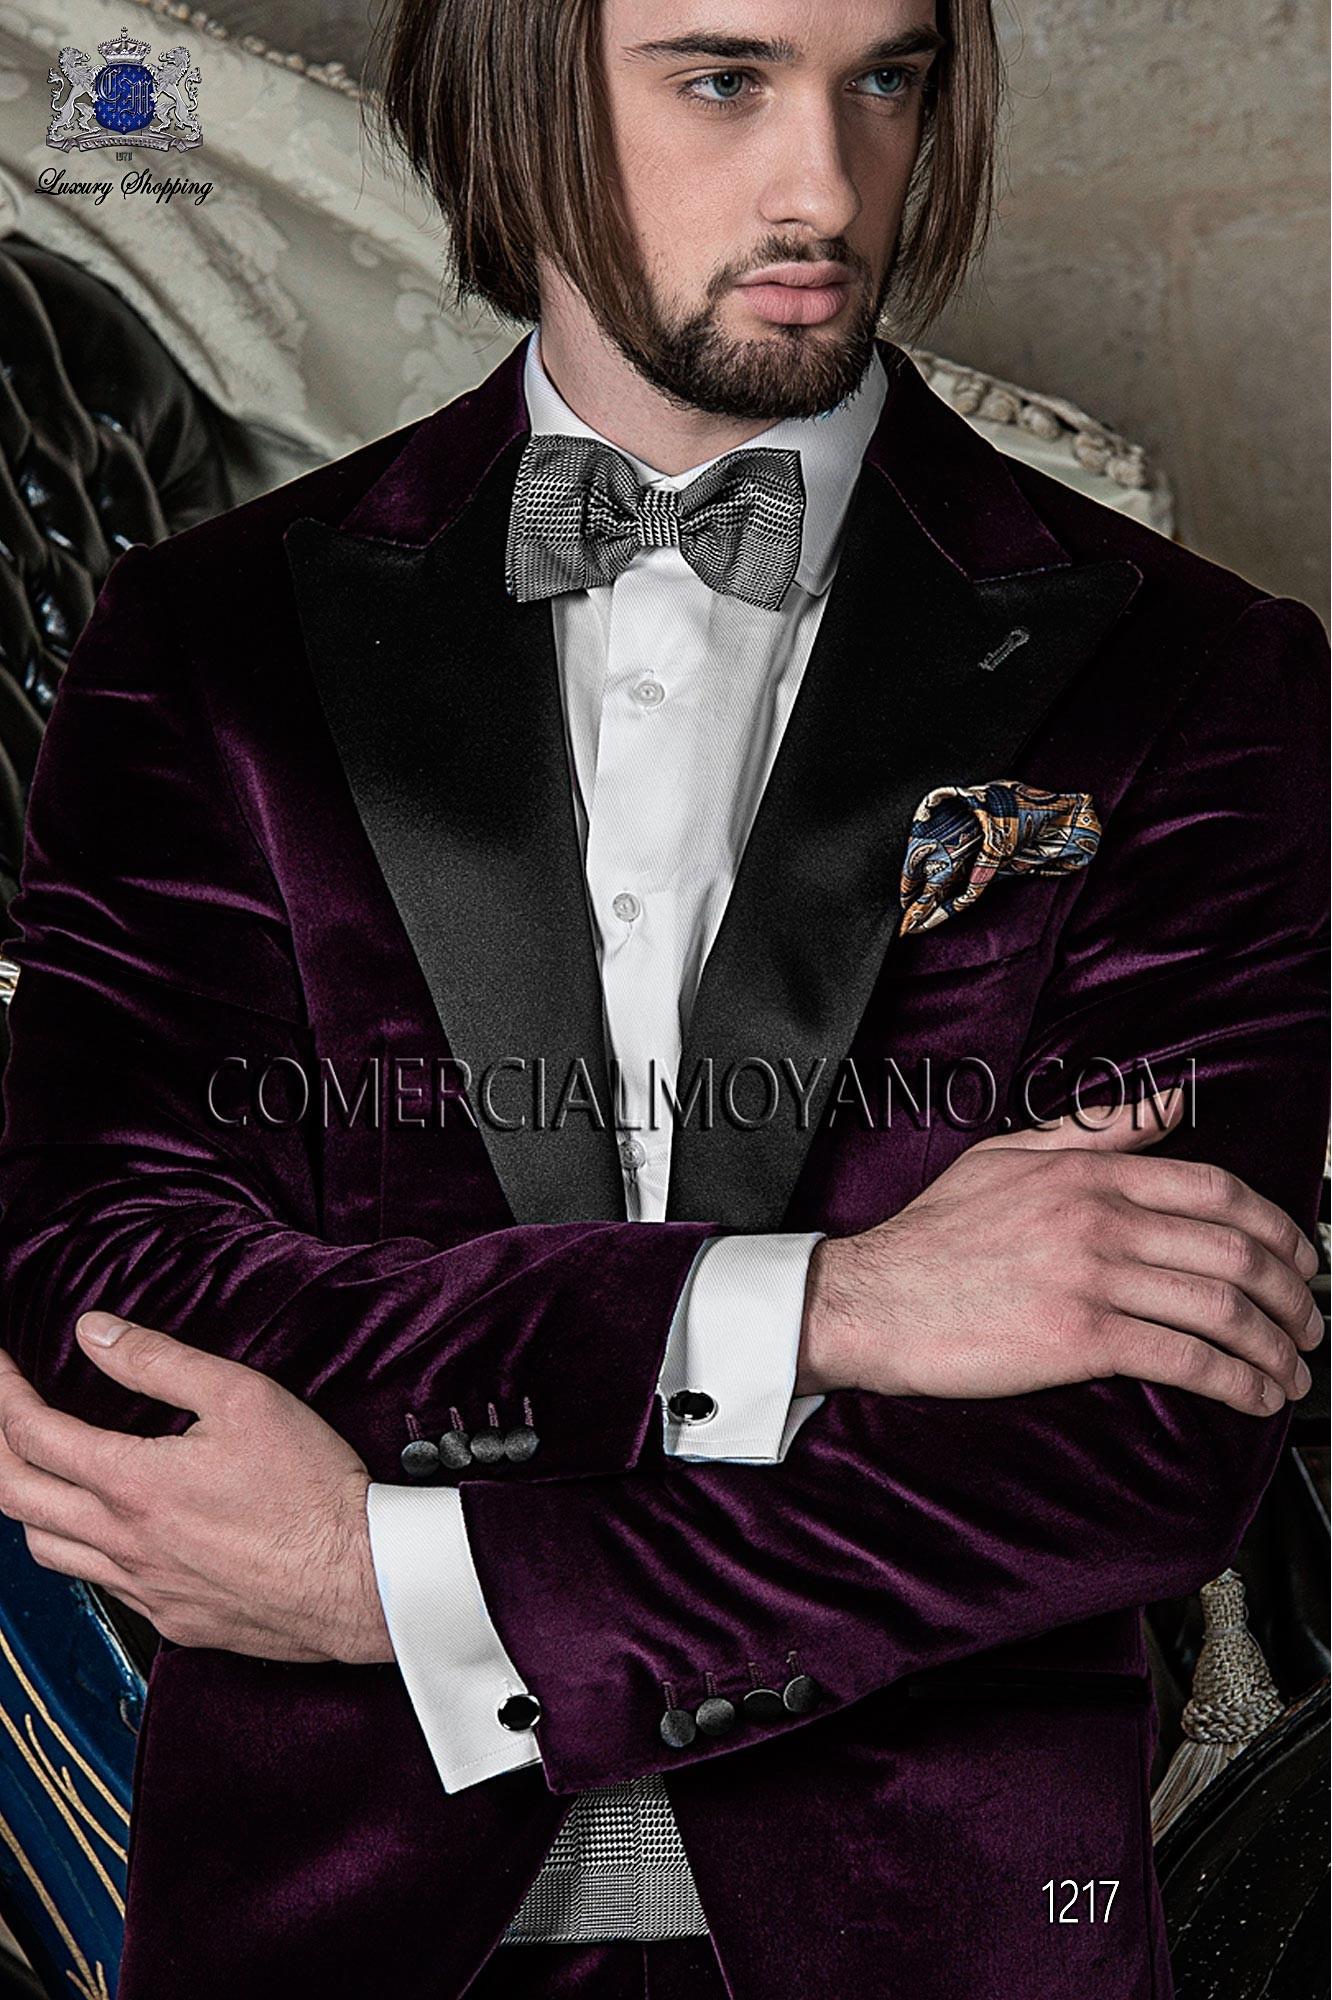 Traje BlackTie de novio morado modelo: 1217 Ottavio Nuccio Gala colección Black Tie